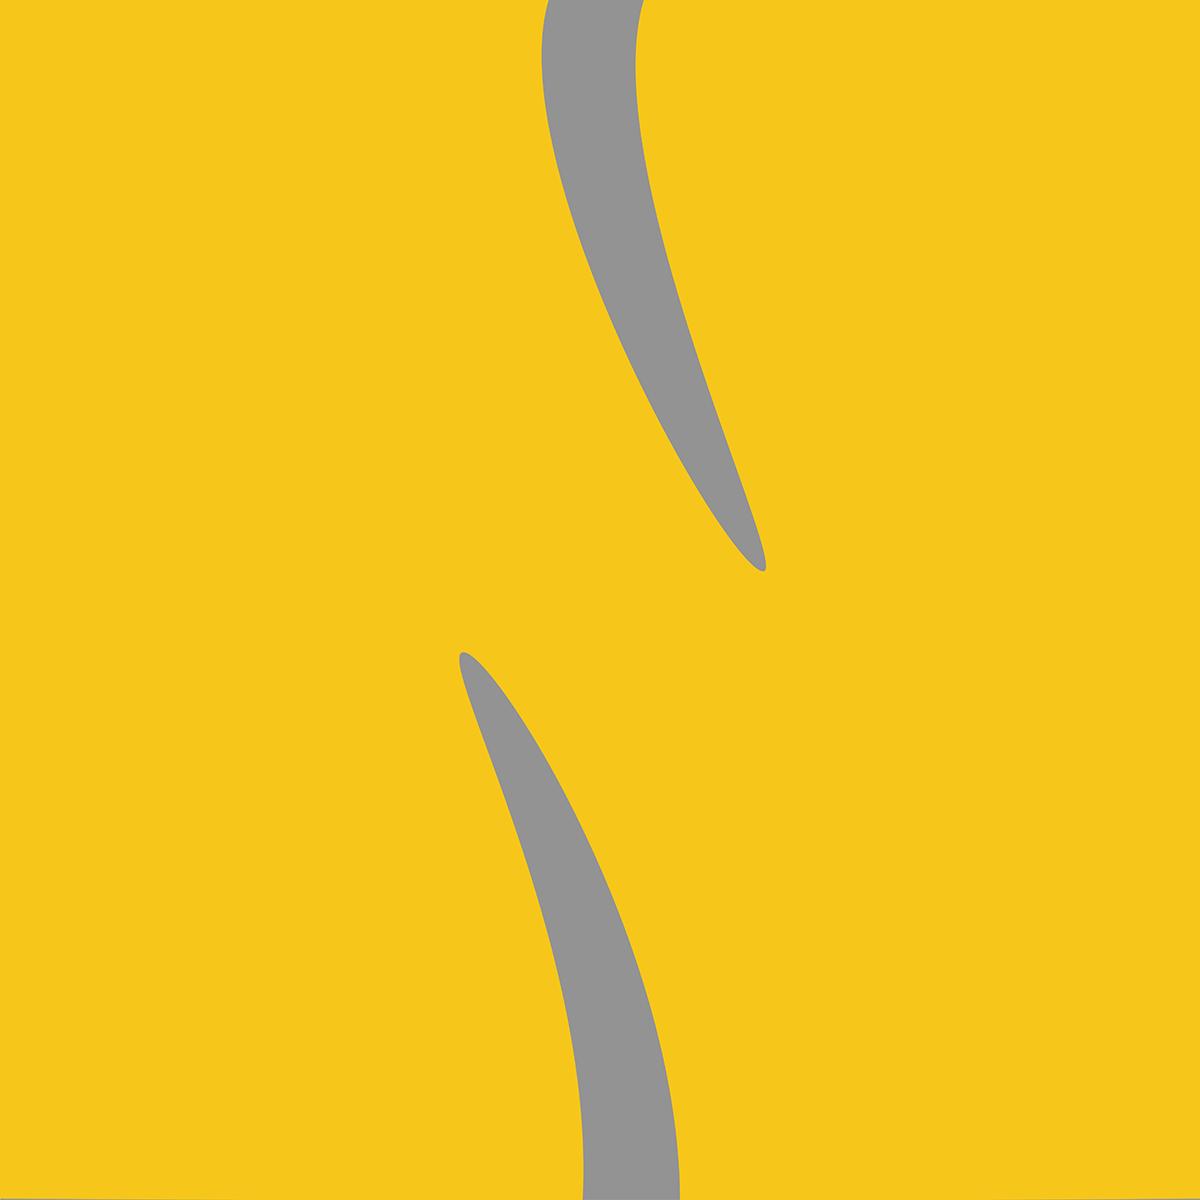 Resina Variable Sans Display 'N' detail.